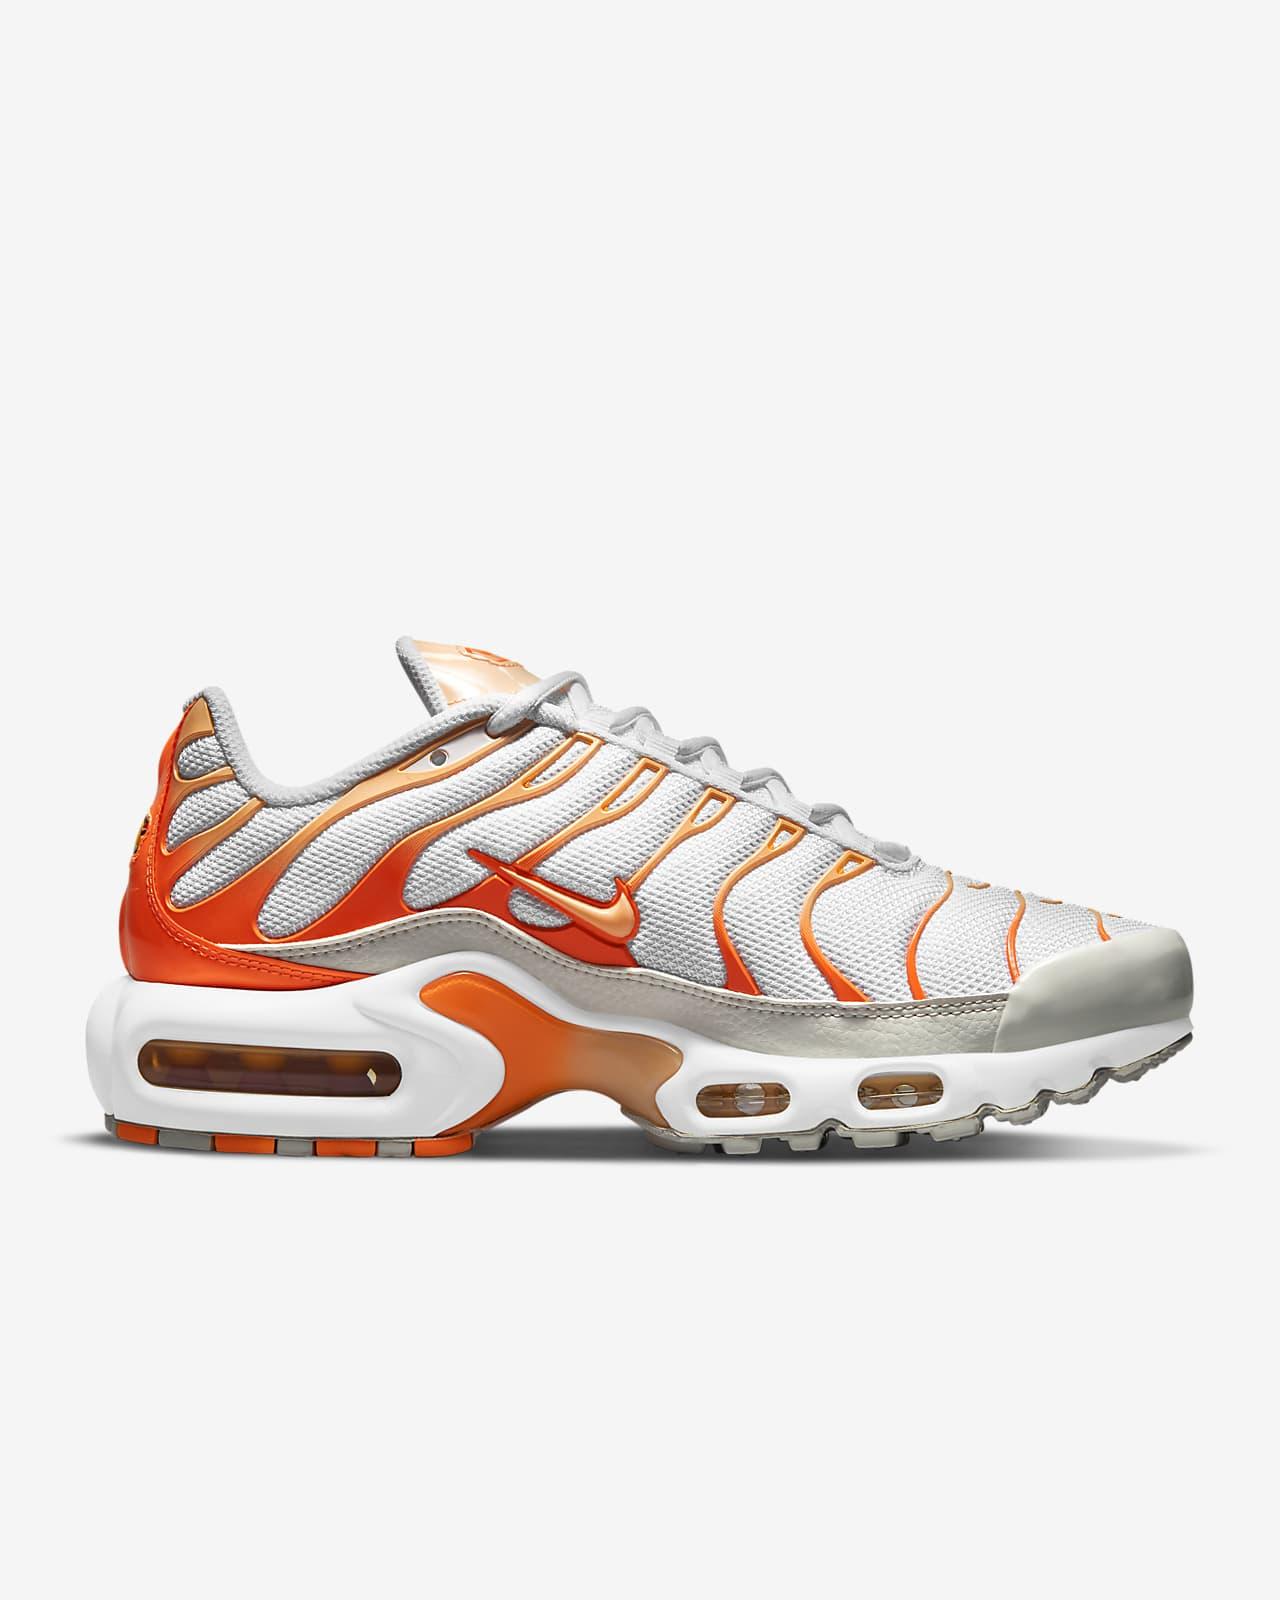 Chaussure Nike Air Max Plus pour Femme. Nike LU